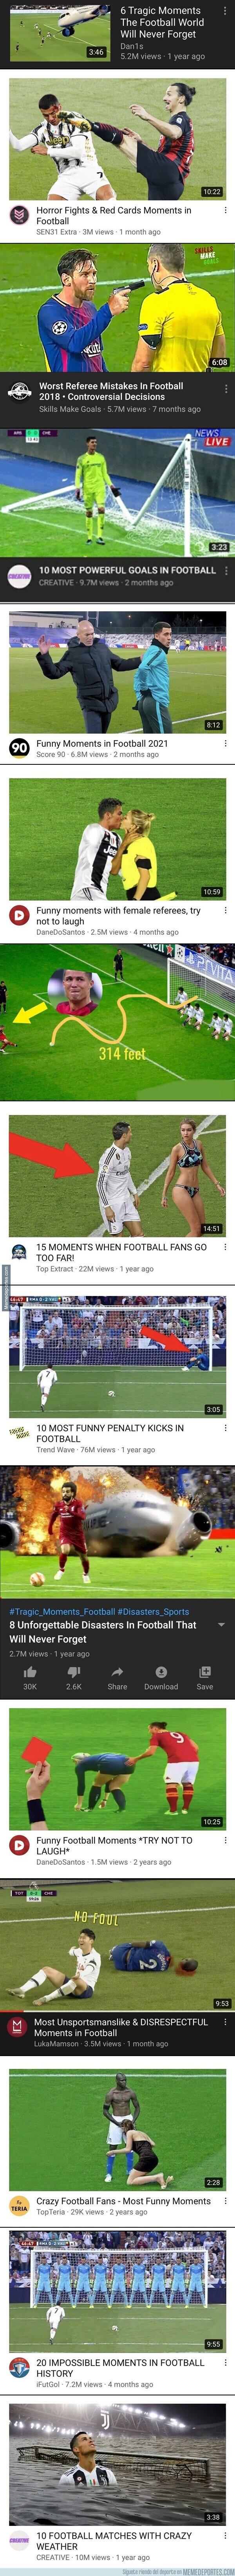 1132550 - ¿No hay quien regule esto de los thumbnails en youtube?